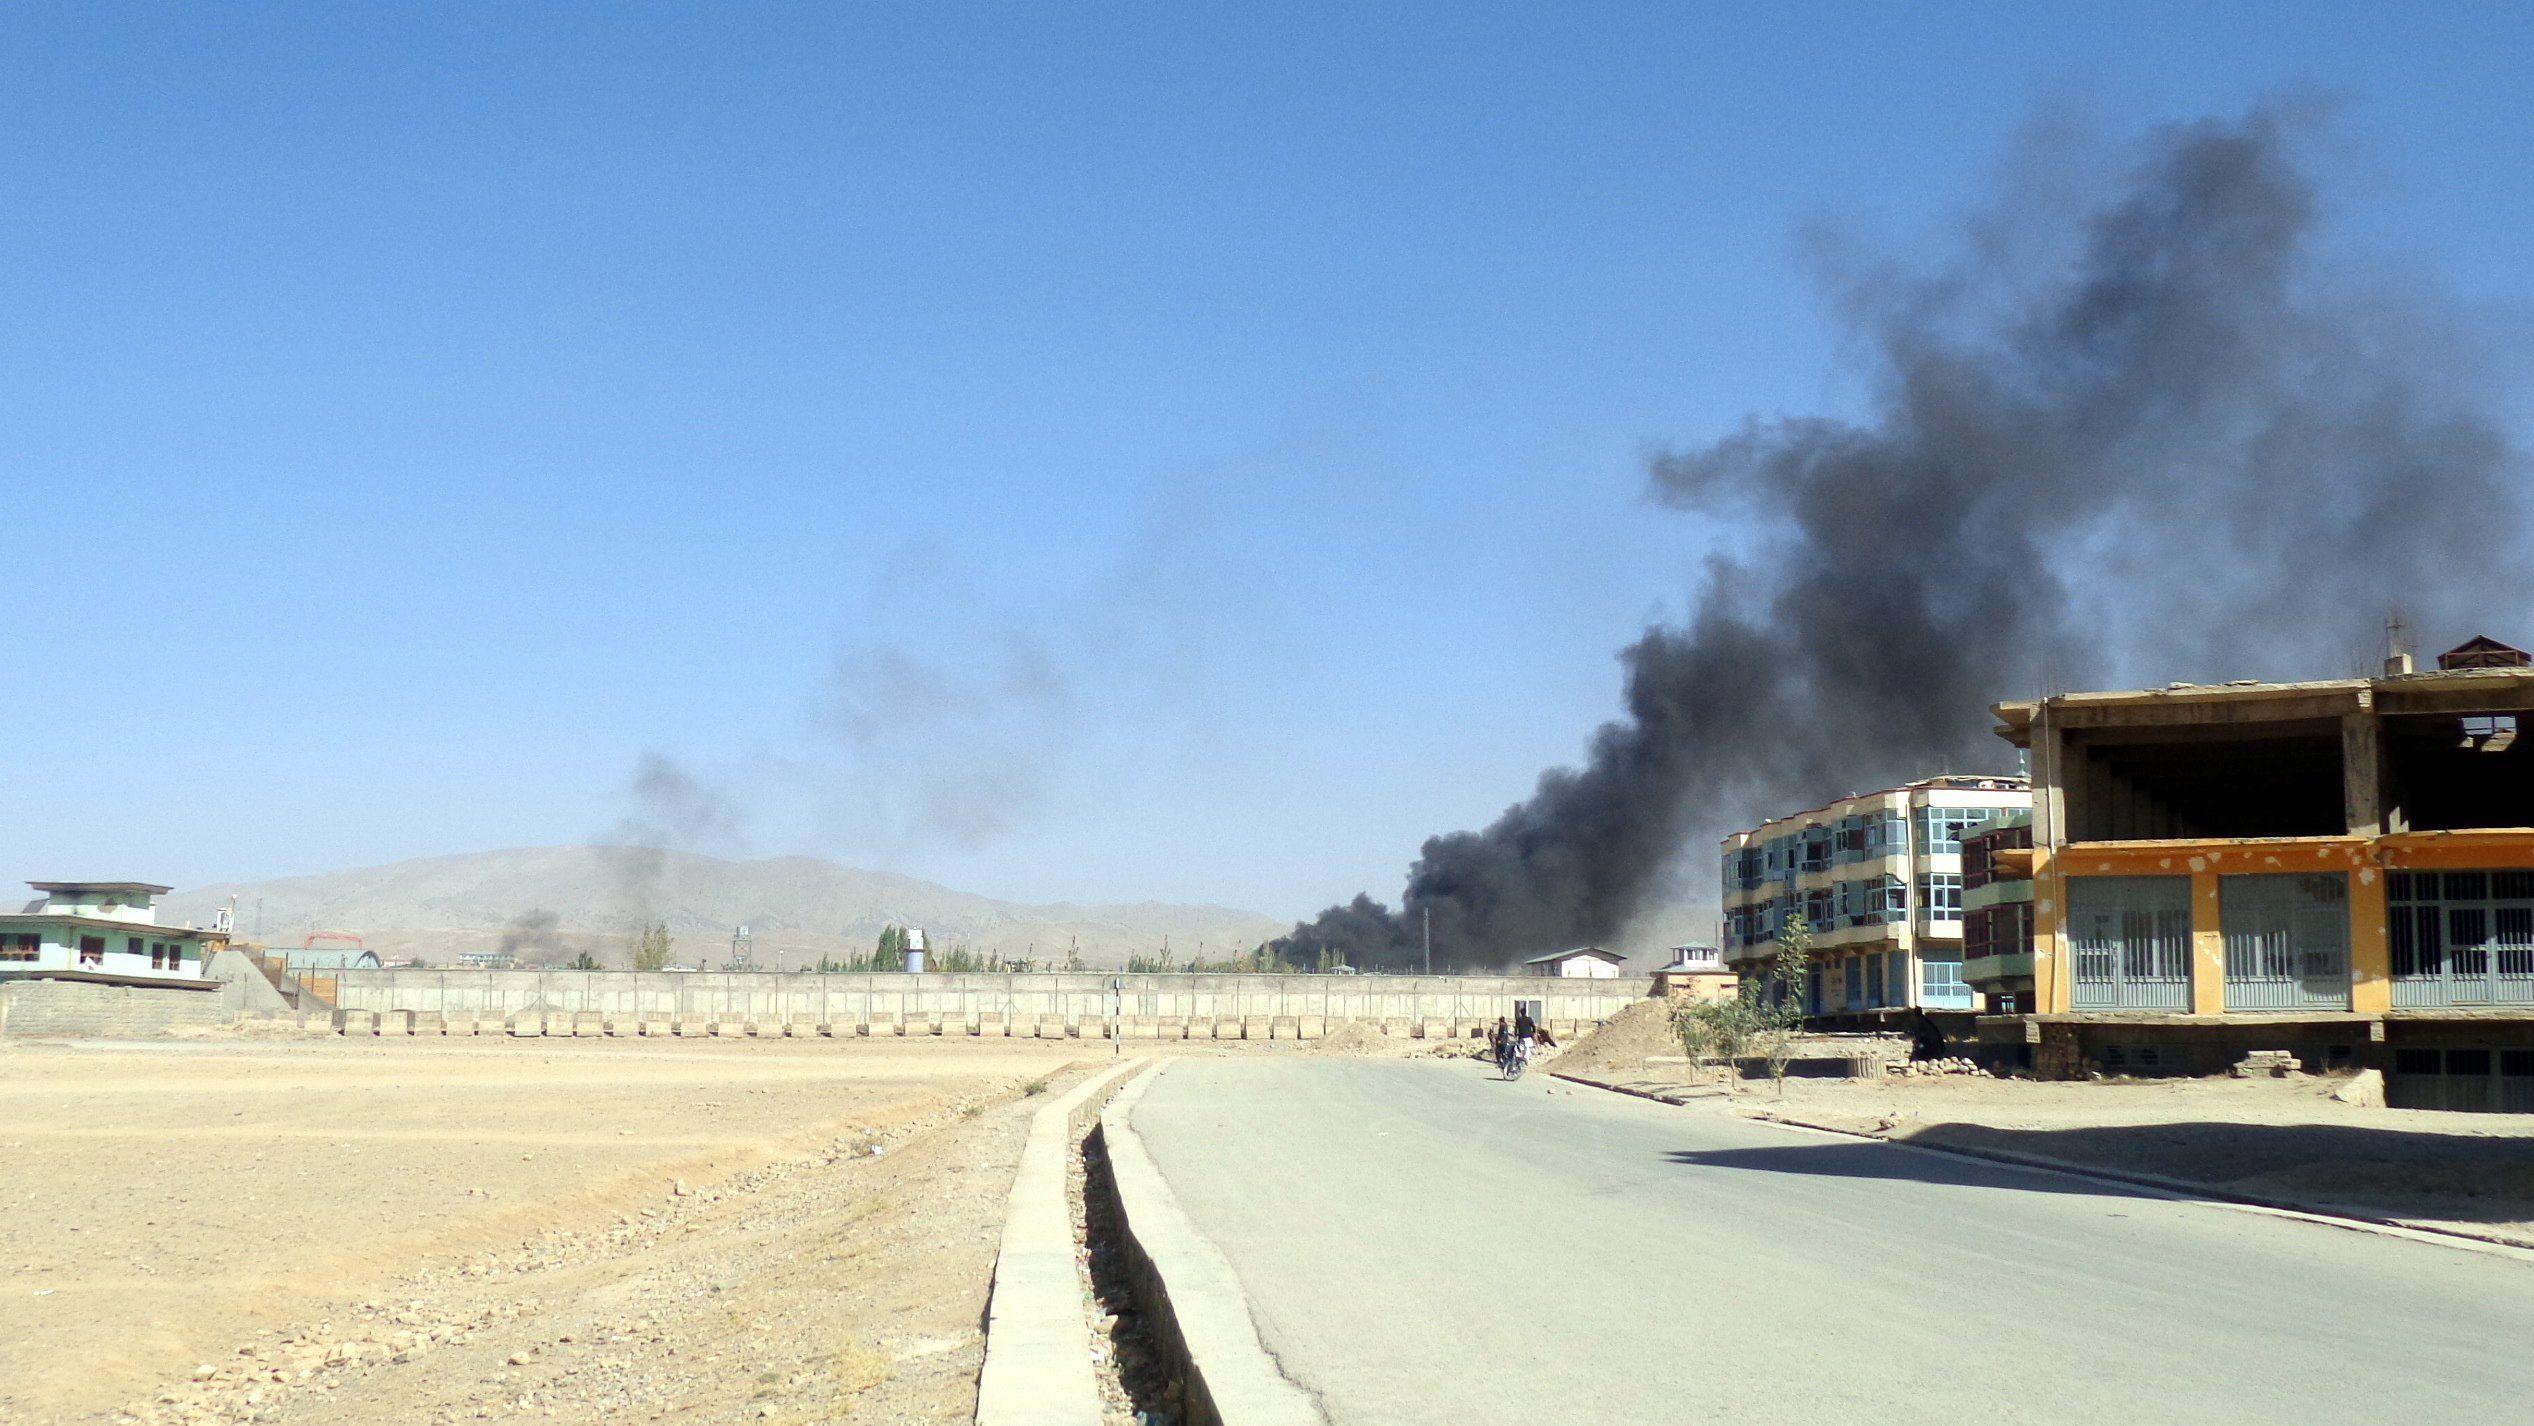 Gardíz, 2017. október 17. Füst csap fel a Paktia keleti tartománybeli Gardízban működő rendőrségi kiképzőközpontból, amelyet tálib fegyveresek támadtak meg 2017. október 17-én. A robbantásos merényletben legkevesebb harmincketten életüket vesztették, és több mint kétszázan megsebesültek. (MTI/EPA/Ahmadullah Ahmadi)